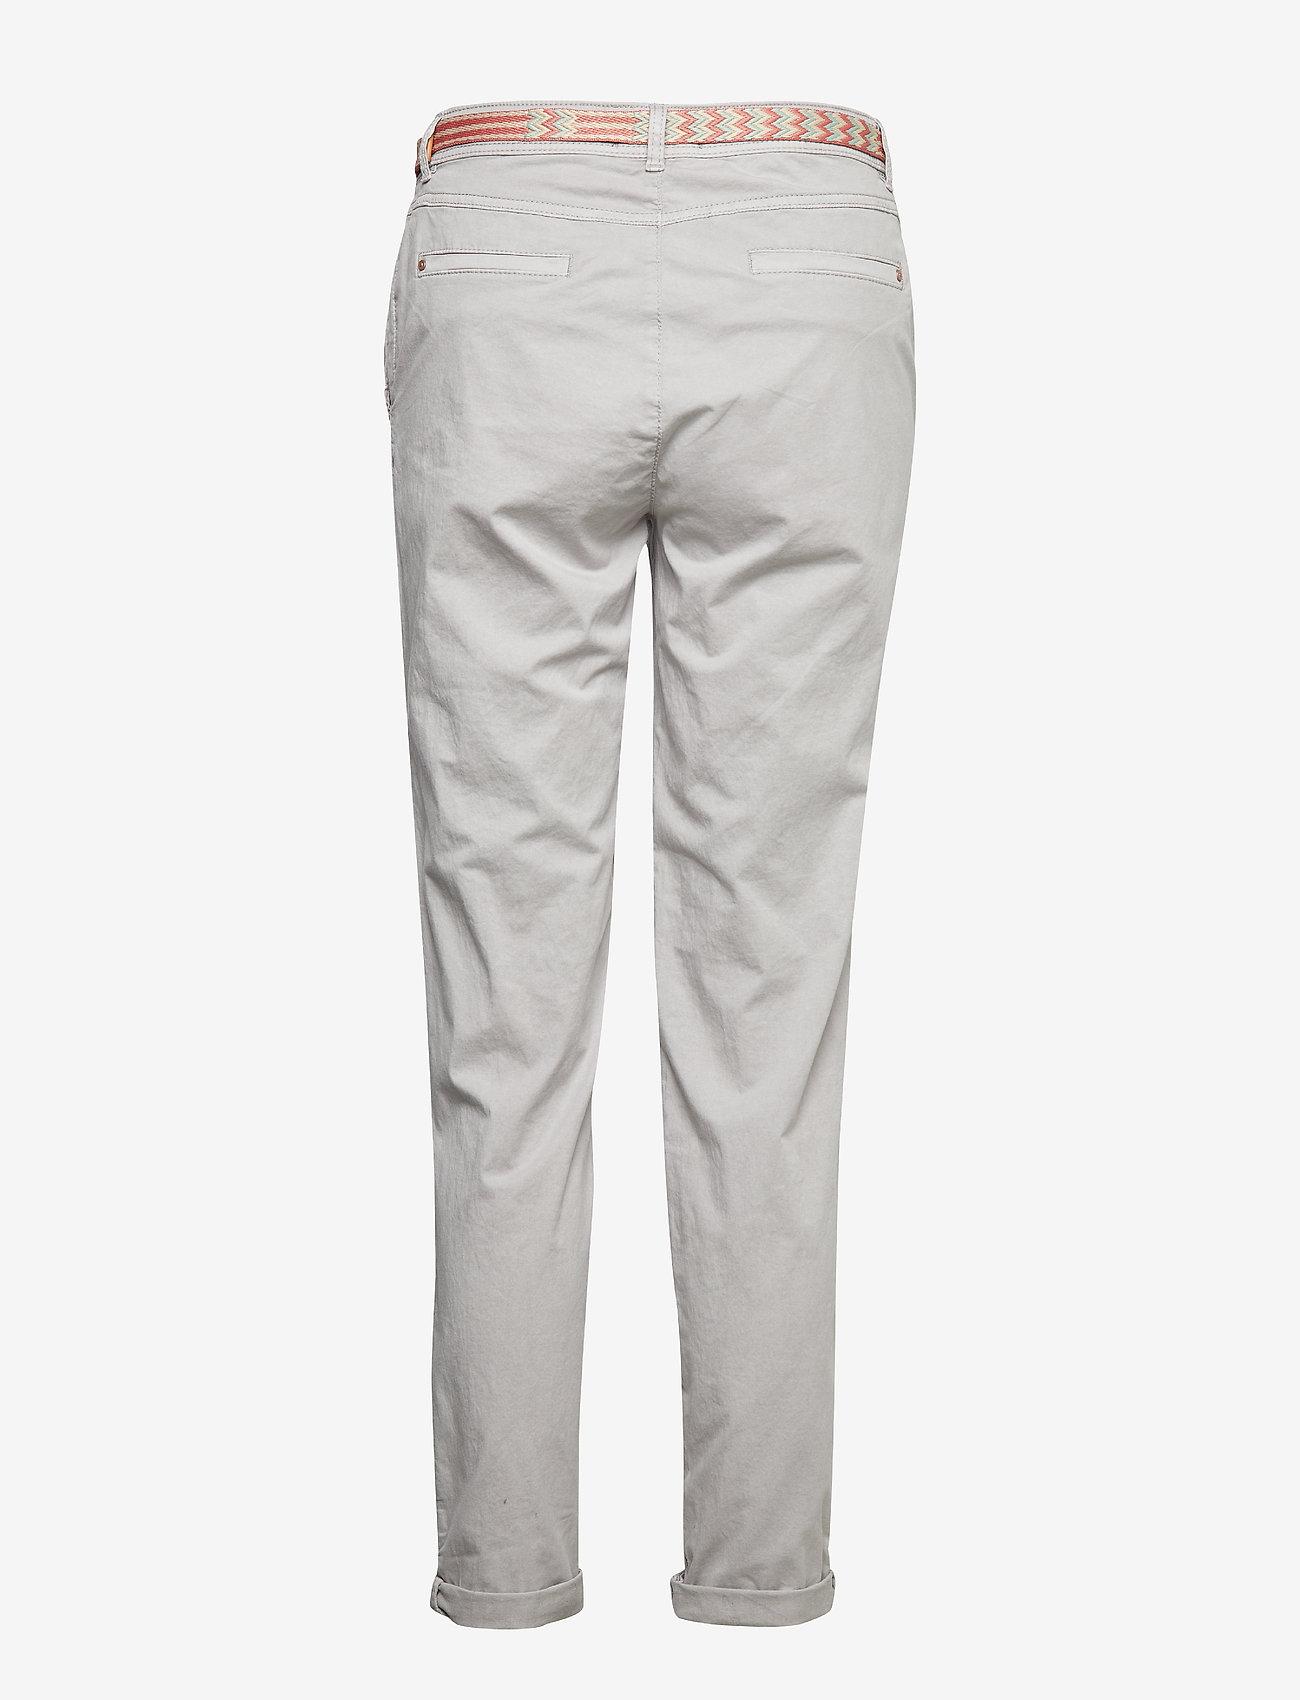 Esprit Casual Pants woven - Spodnie LIGHT GREY - Kobiety Odzież.